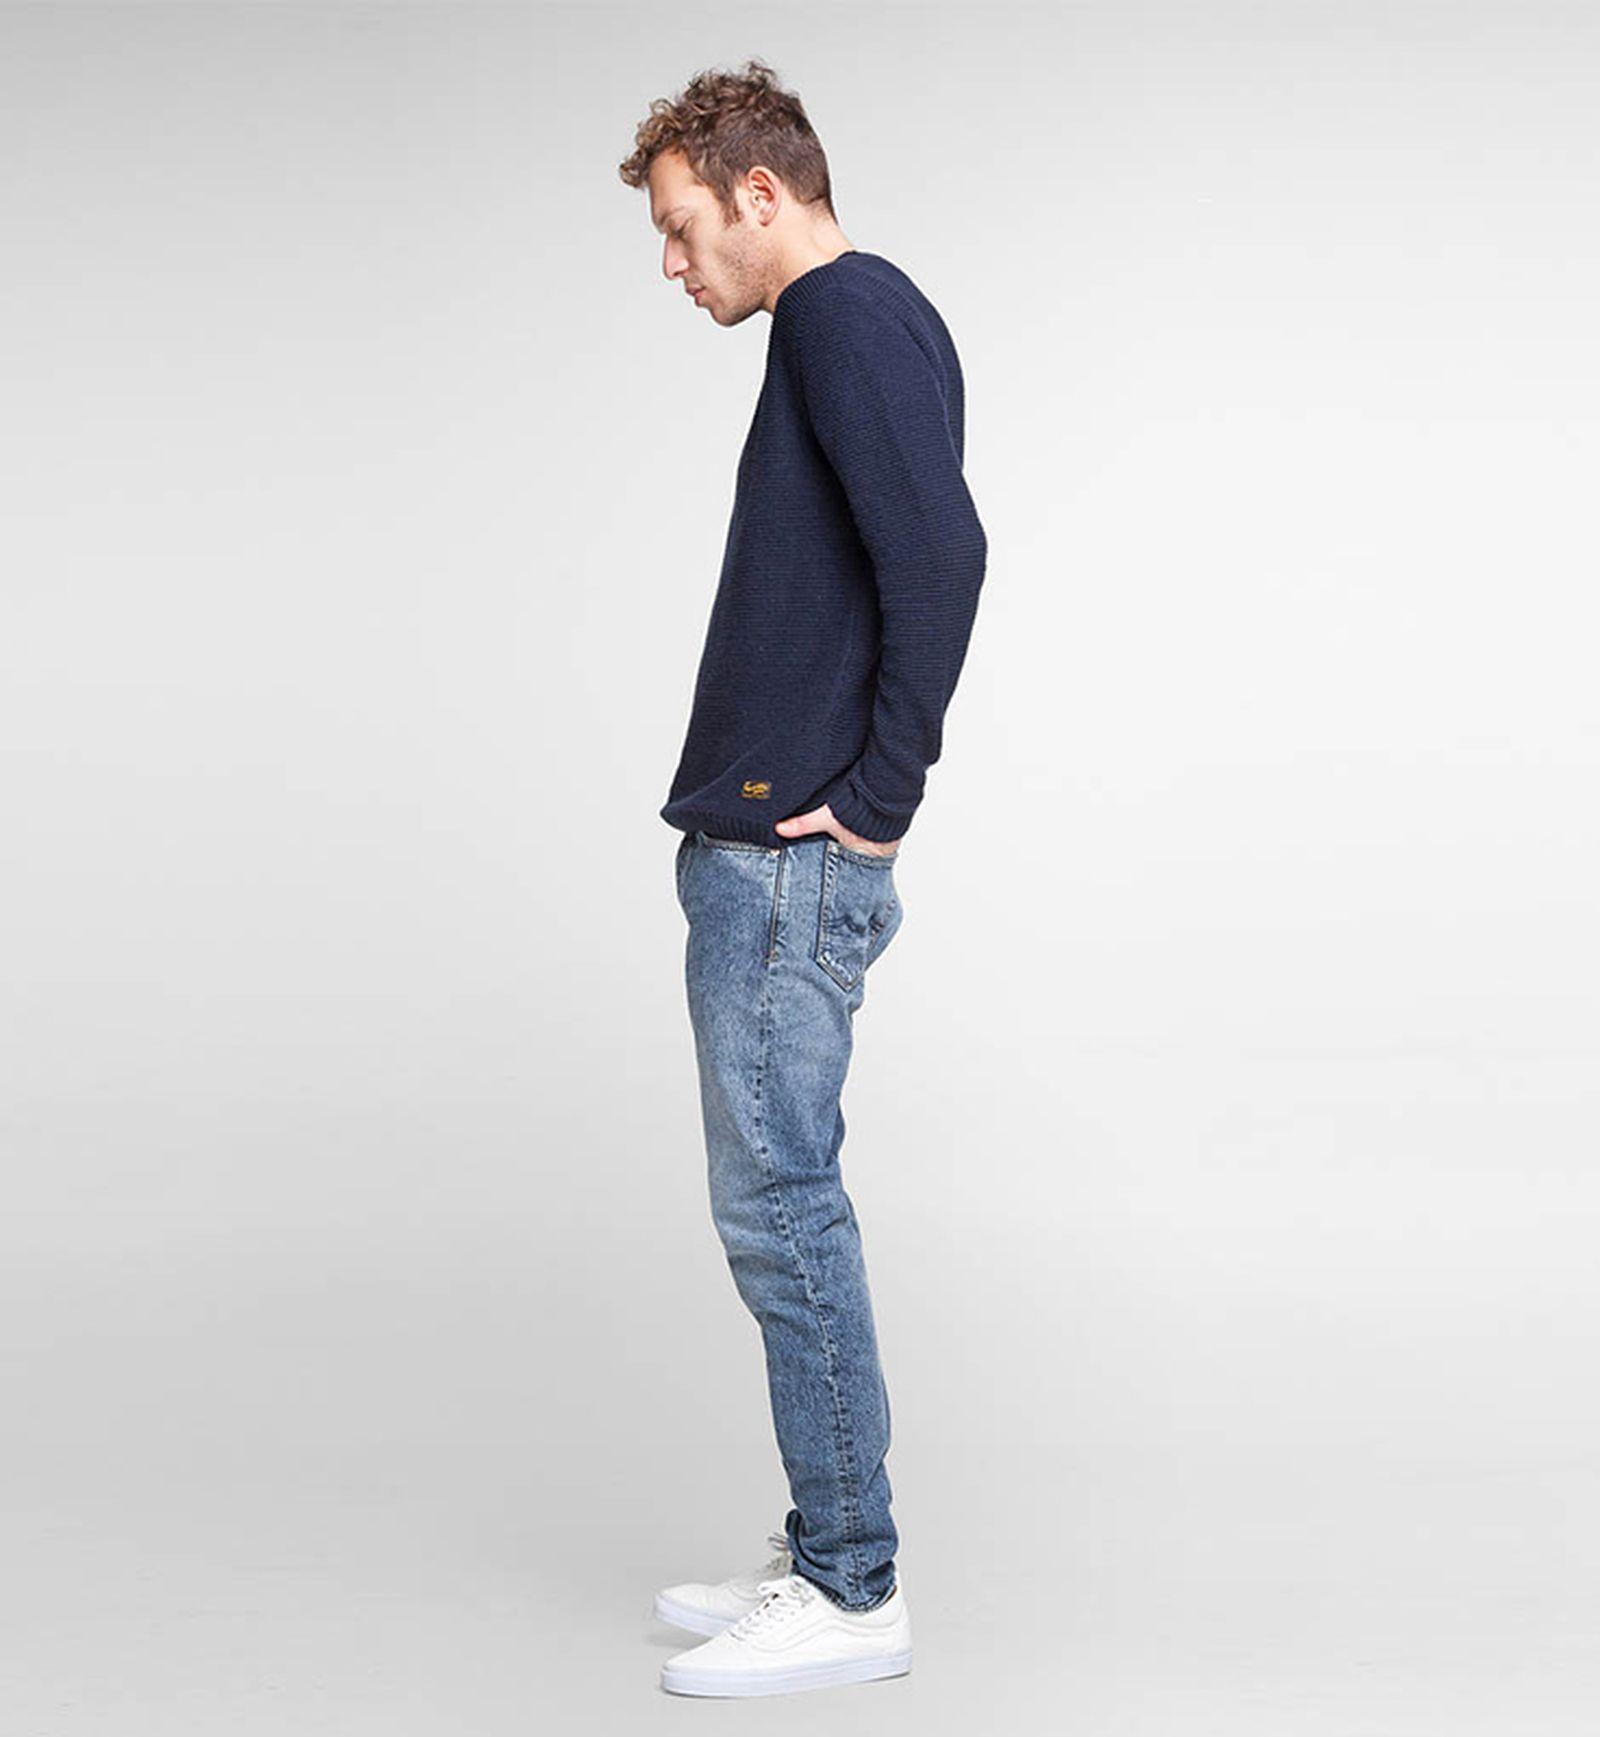 sustainable-fashion-brands-kingsofindigo